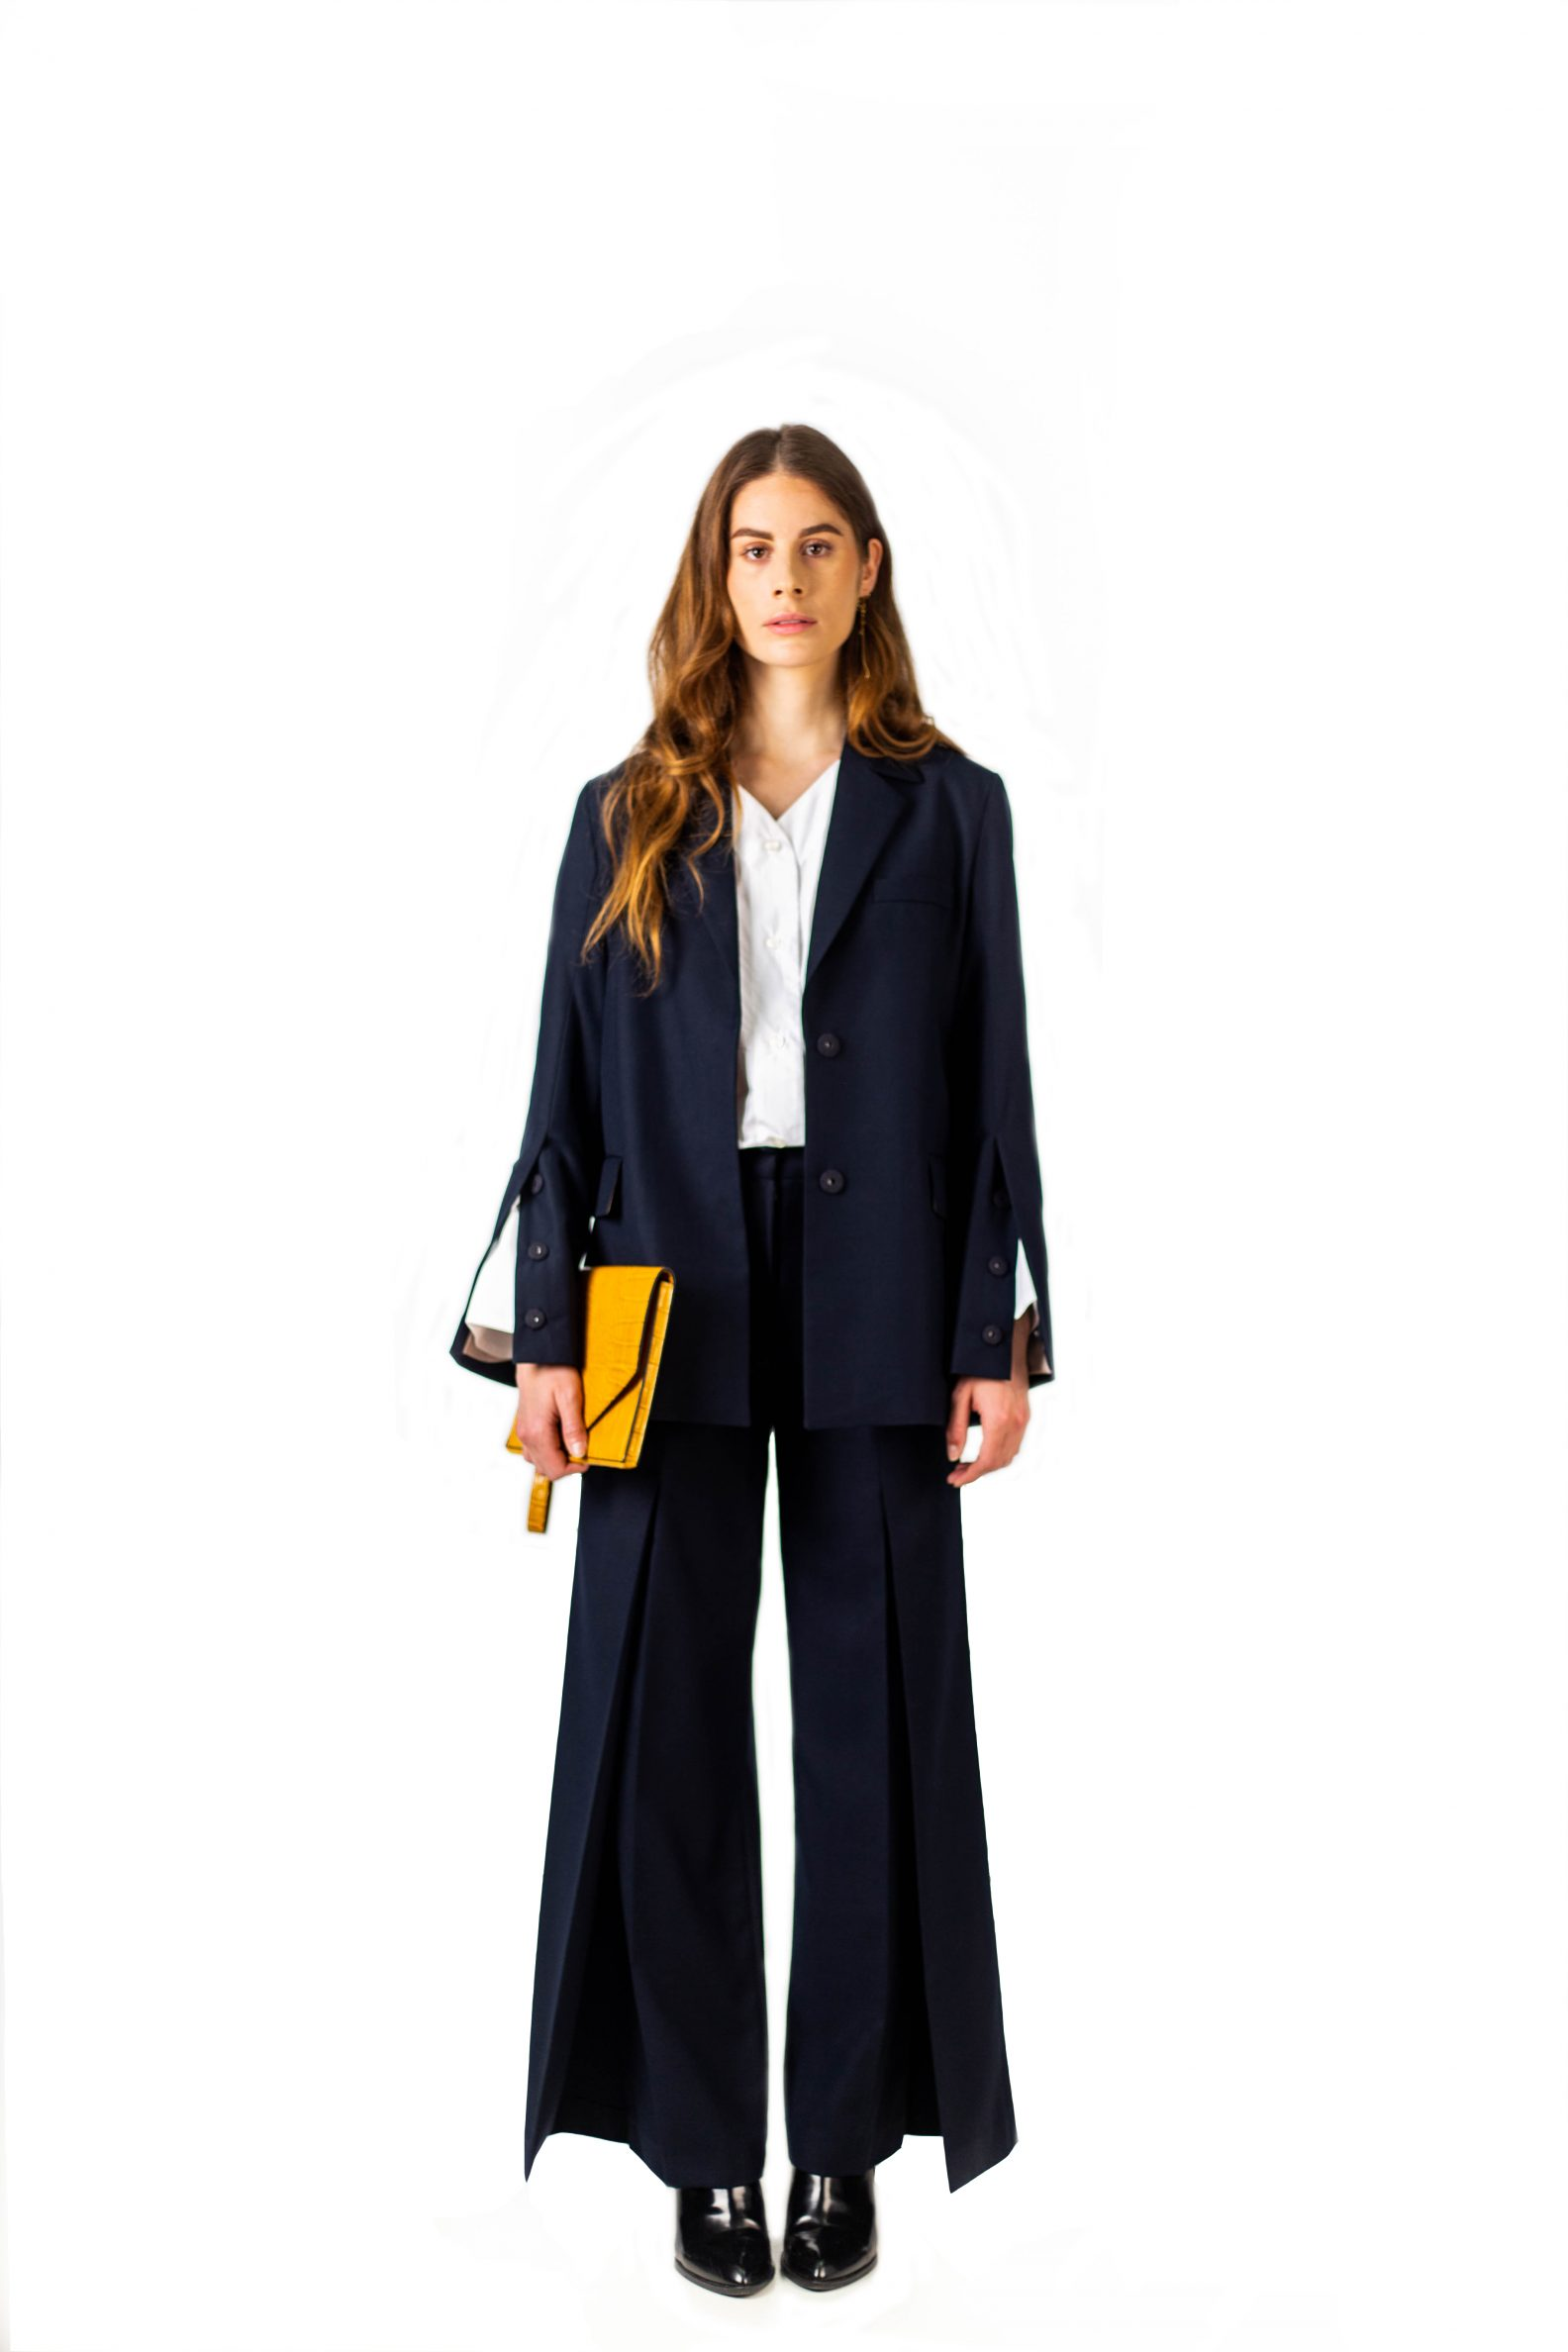 blazer-veste-tailleur-kimchi-mohan-kpop-mode-coreenne-affaires-etrangeres-